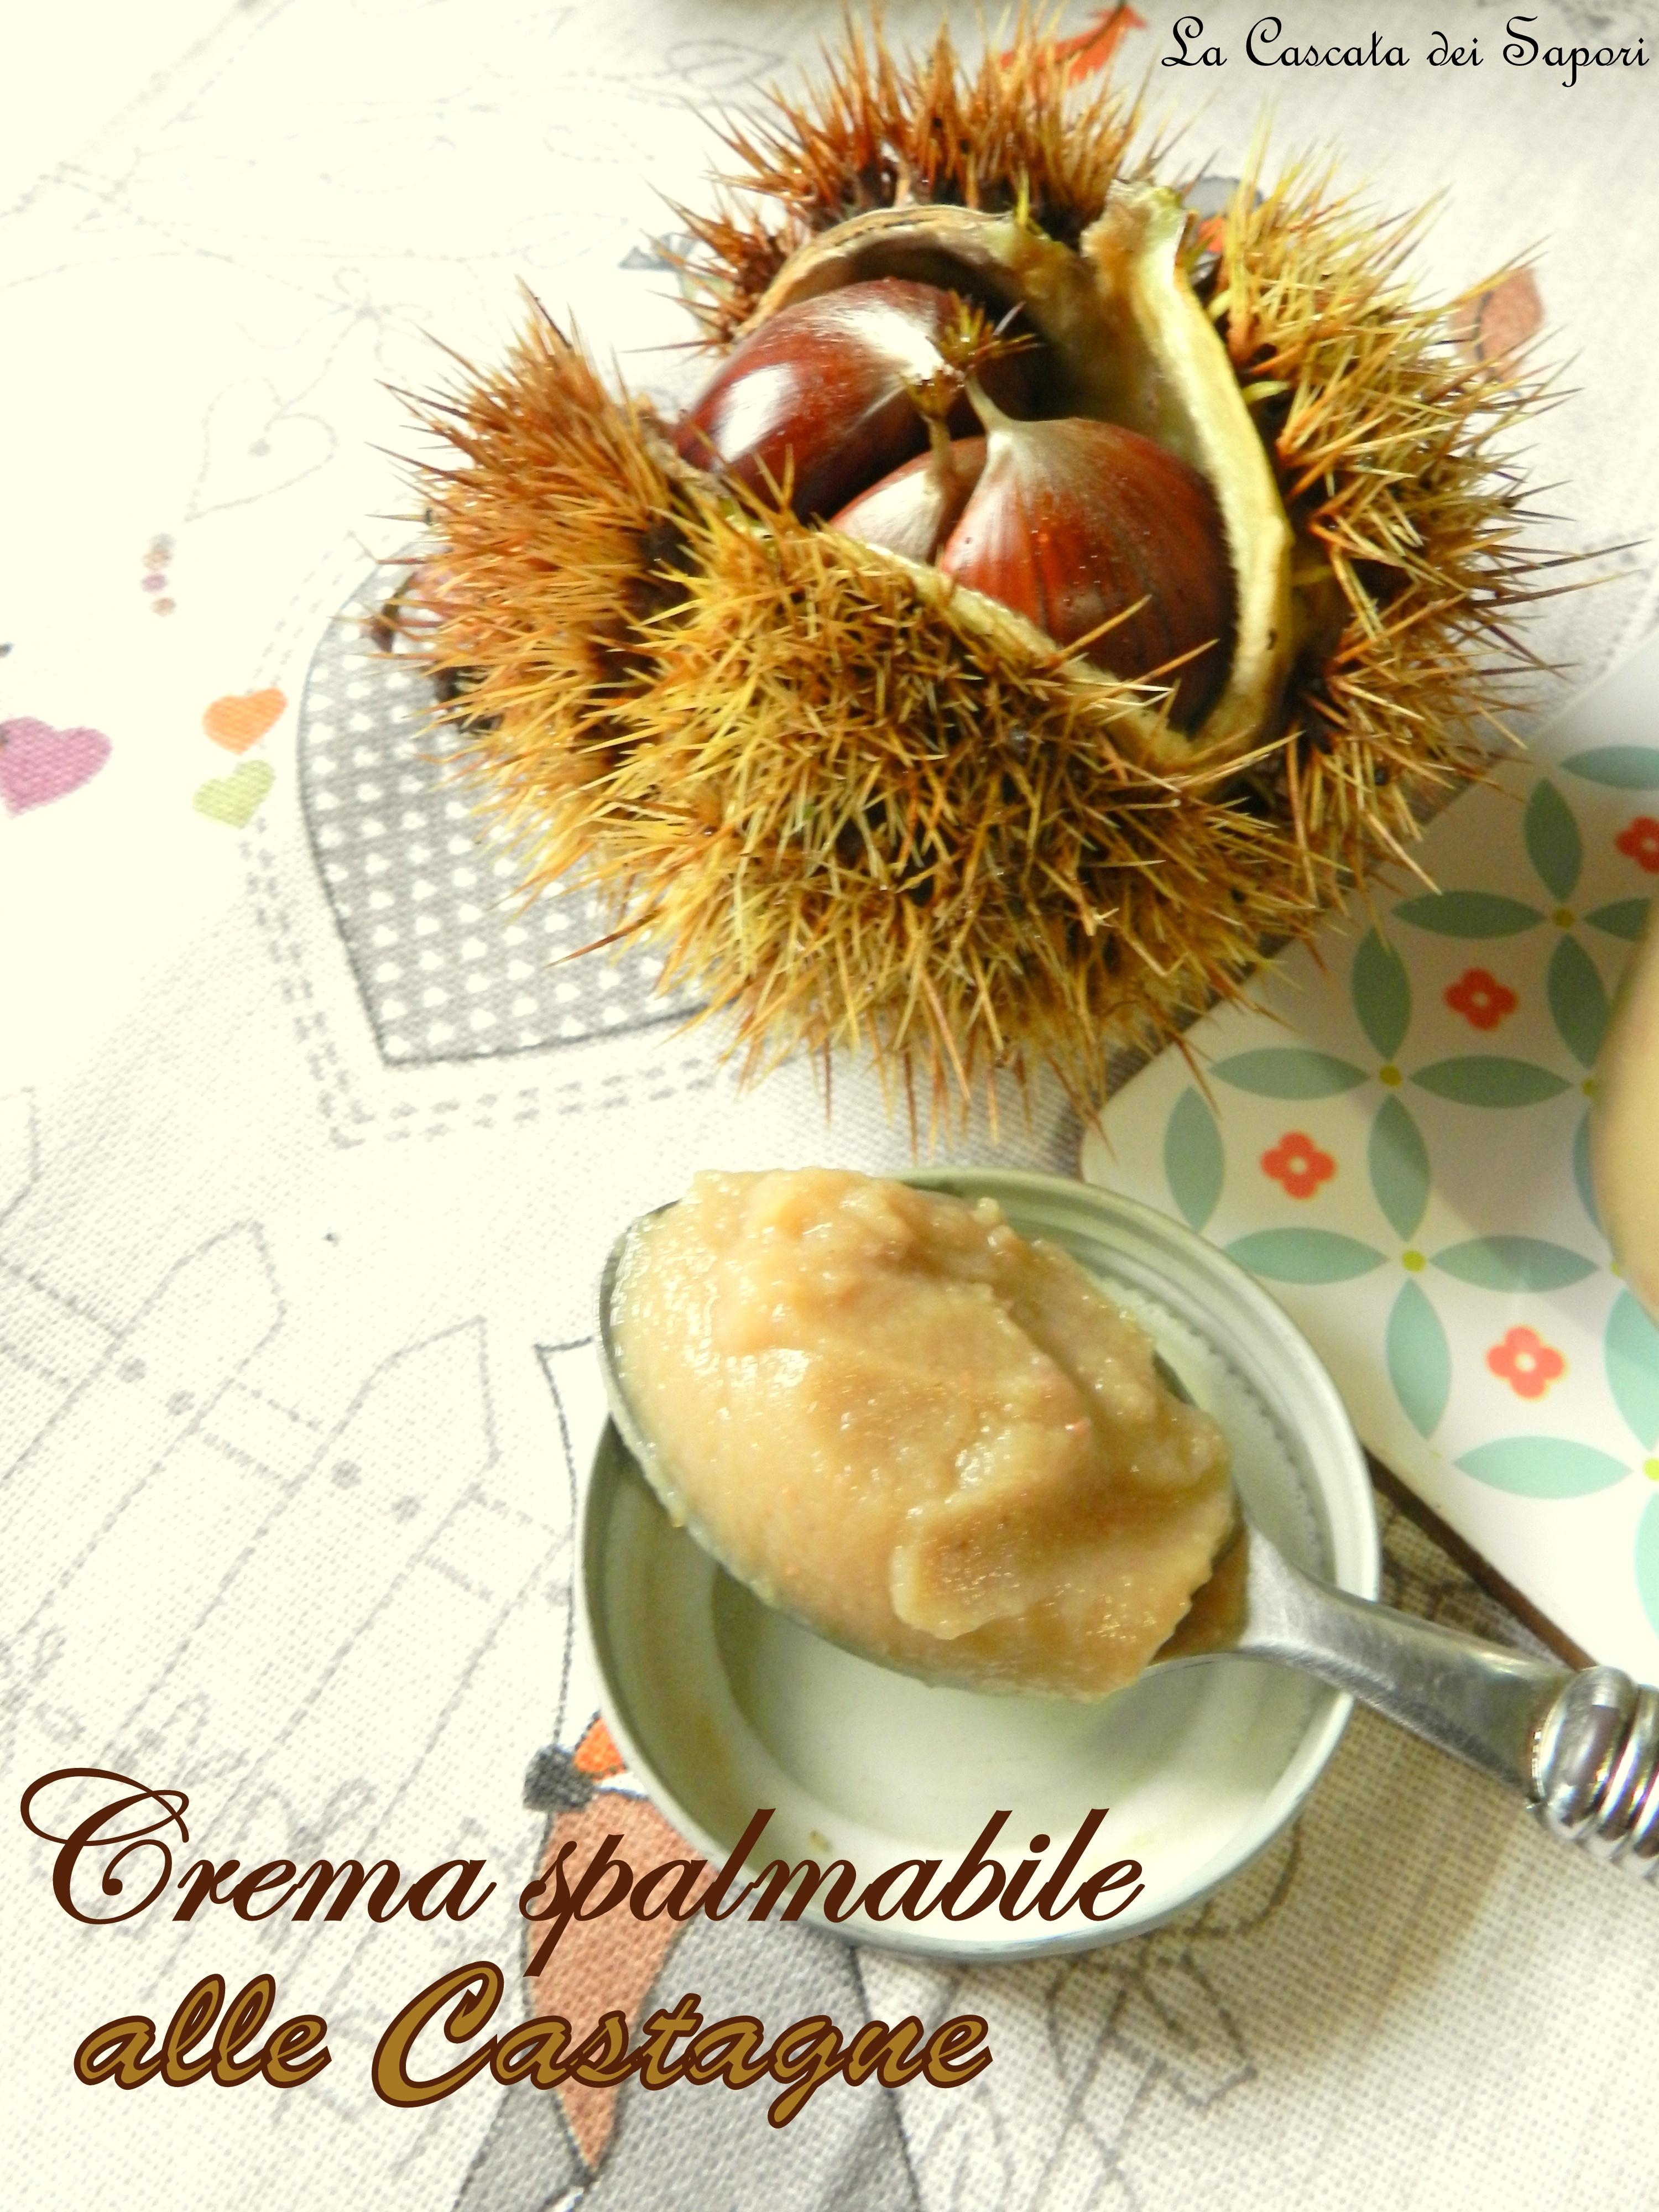 crema-spalmabile-alle-castagne